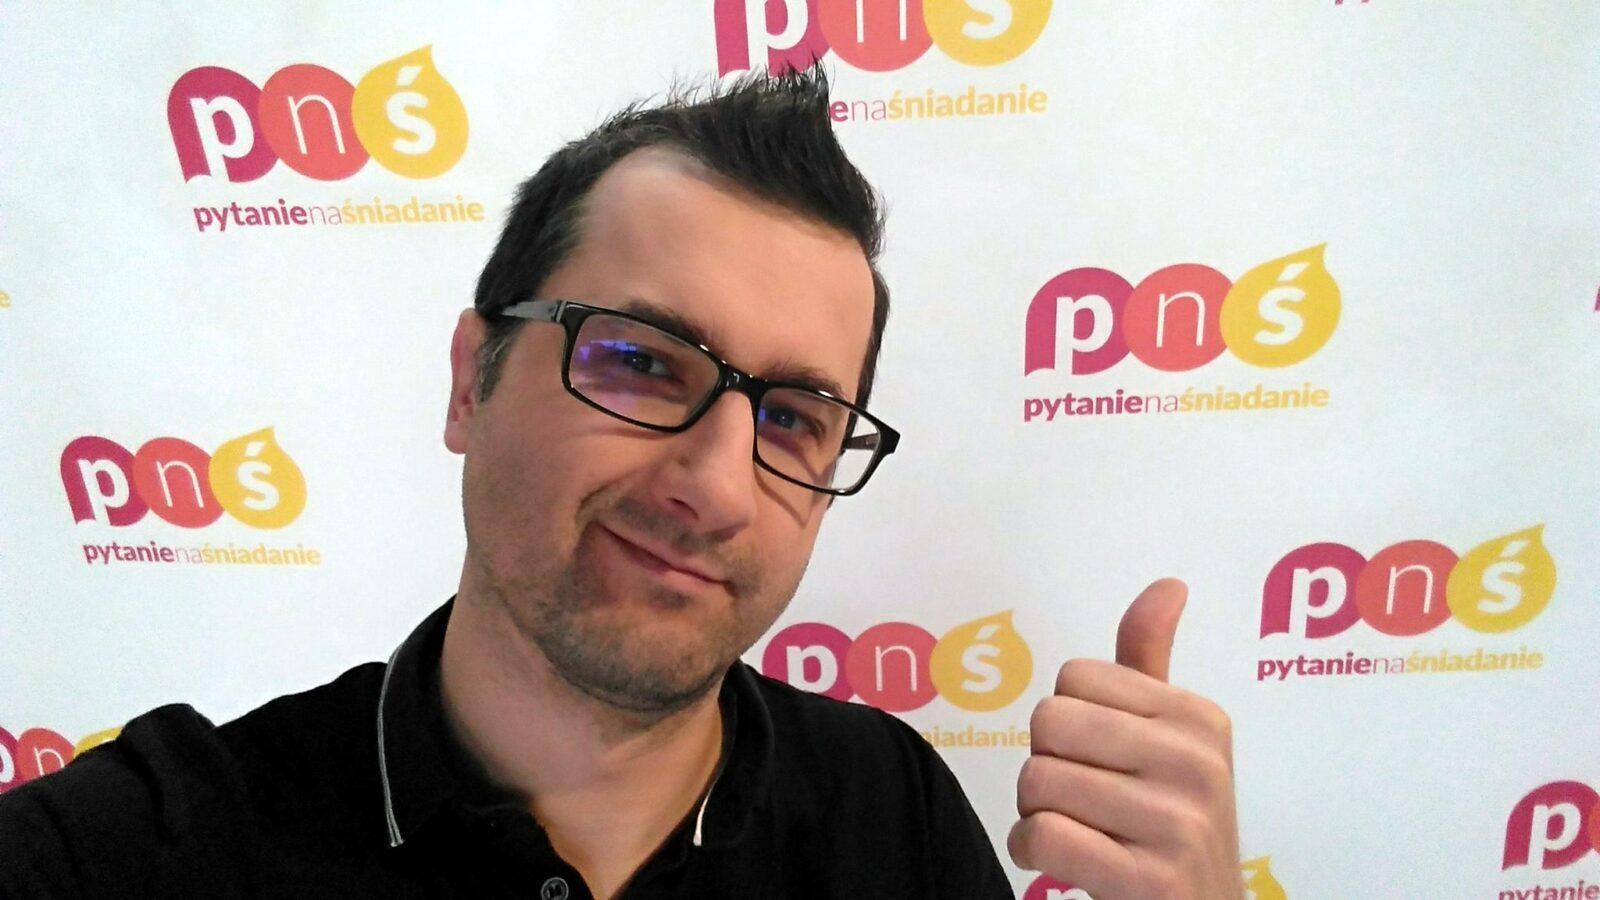 Marcin Perfuński Supertata pytanie naśniadanie śniadaniówka